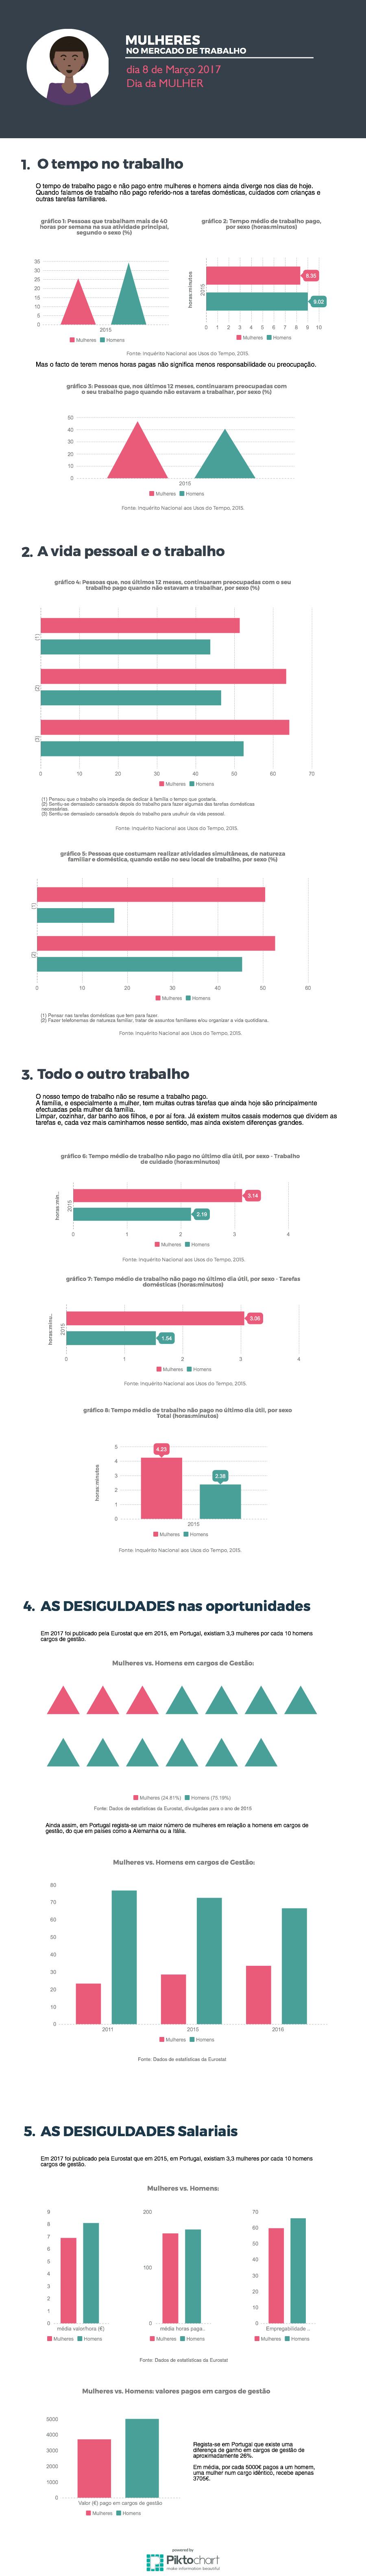 Infographic - Dia da Mulher - 8 de Março 2017